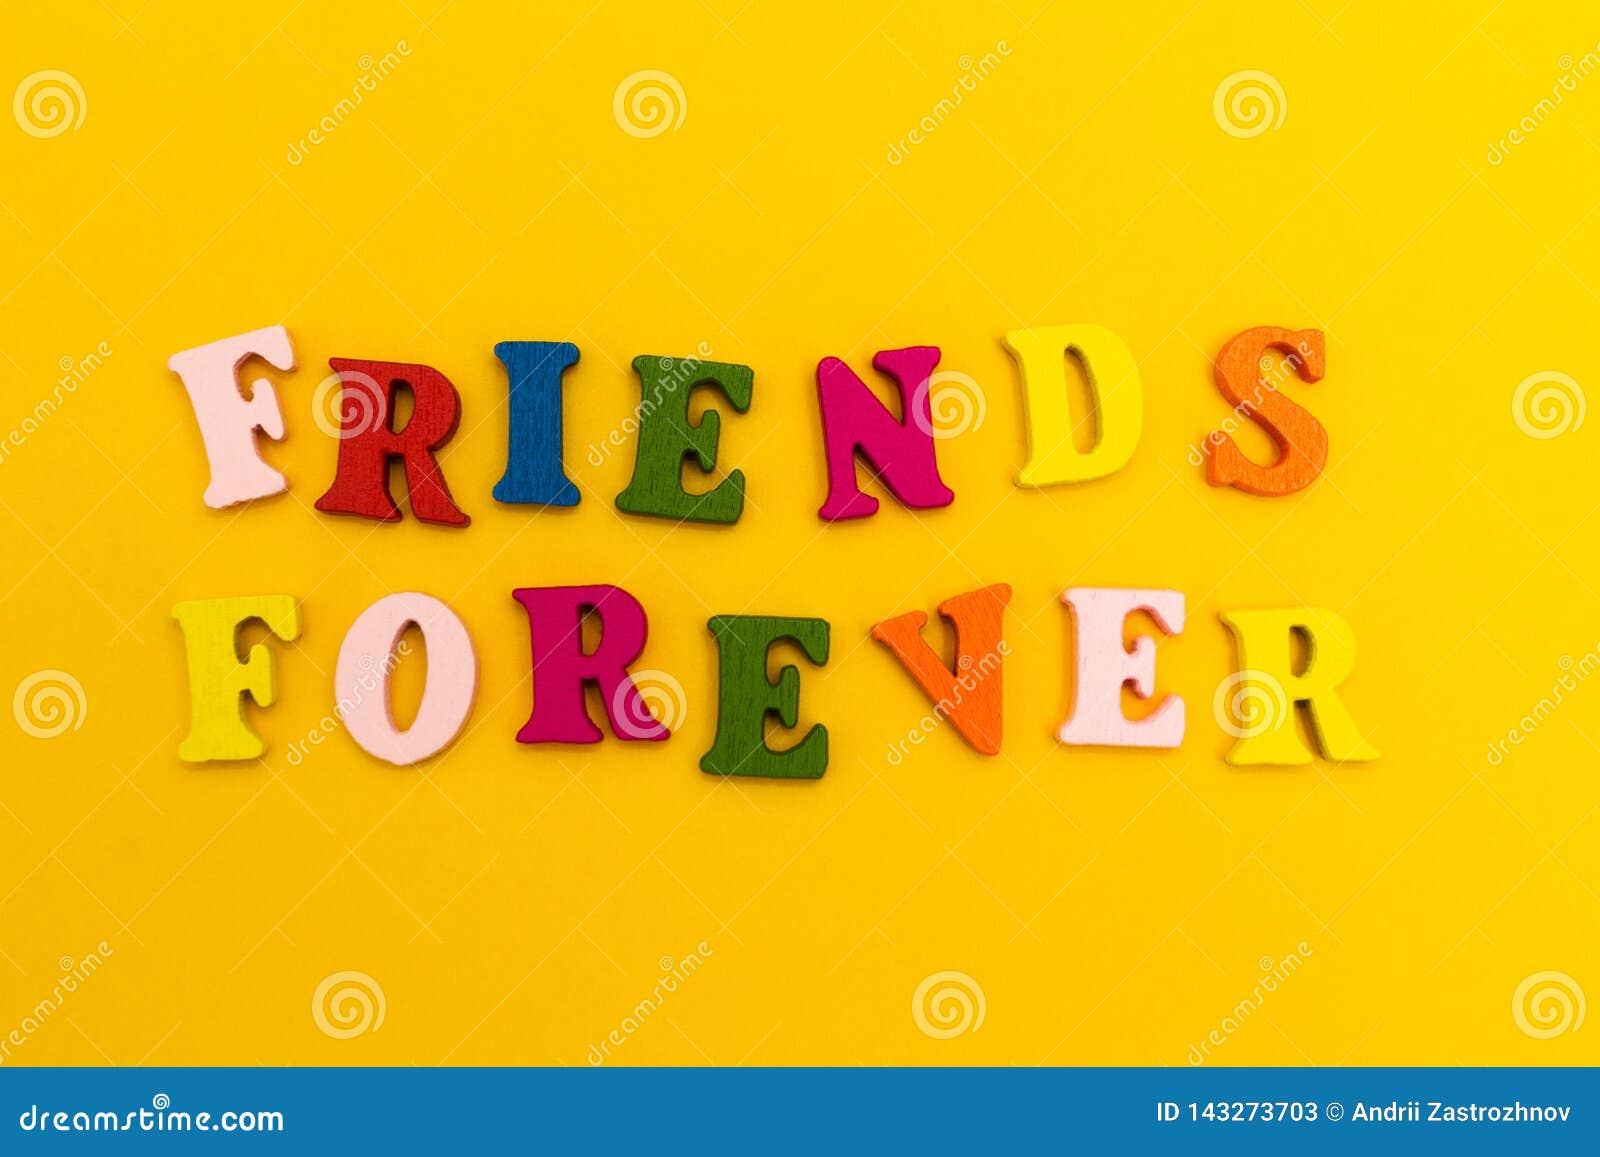 Letras multicoloras en un fondo amarillo Amigos por siempre